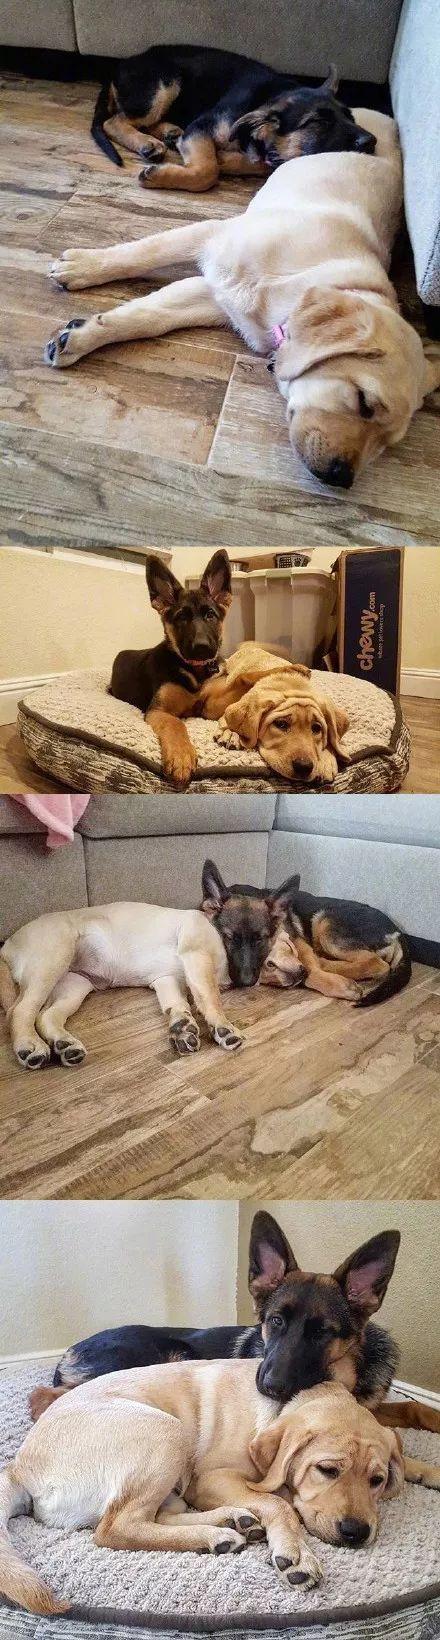 拉布拉多和德牧从小一起长大,这段情谊也是很让人羡慕了!